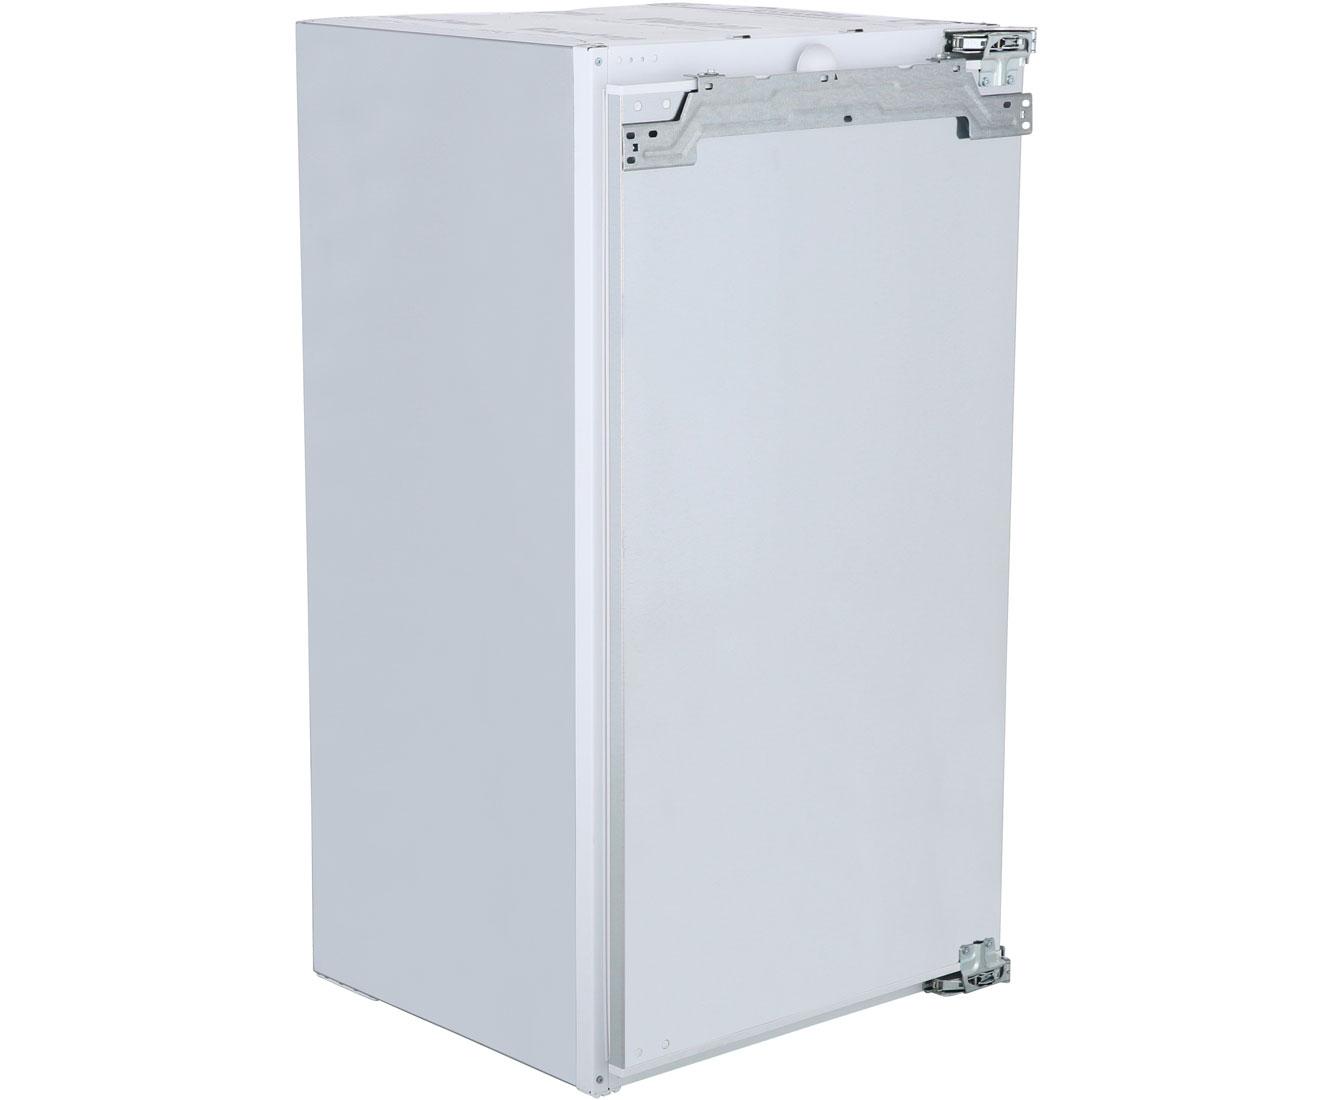 Bosch Kühlschrank Lautes Knacken : Bosch kühlschrank brummt laut kein lärm besonders leise